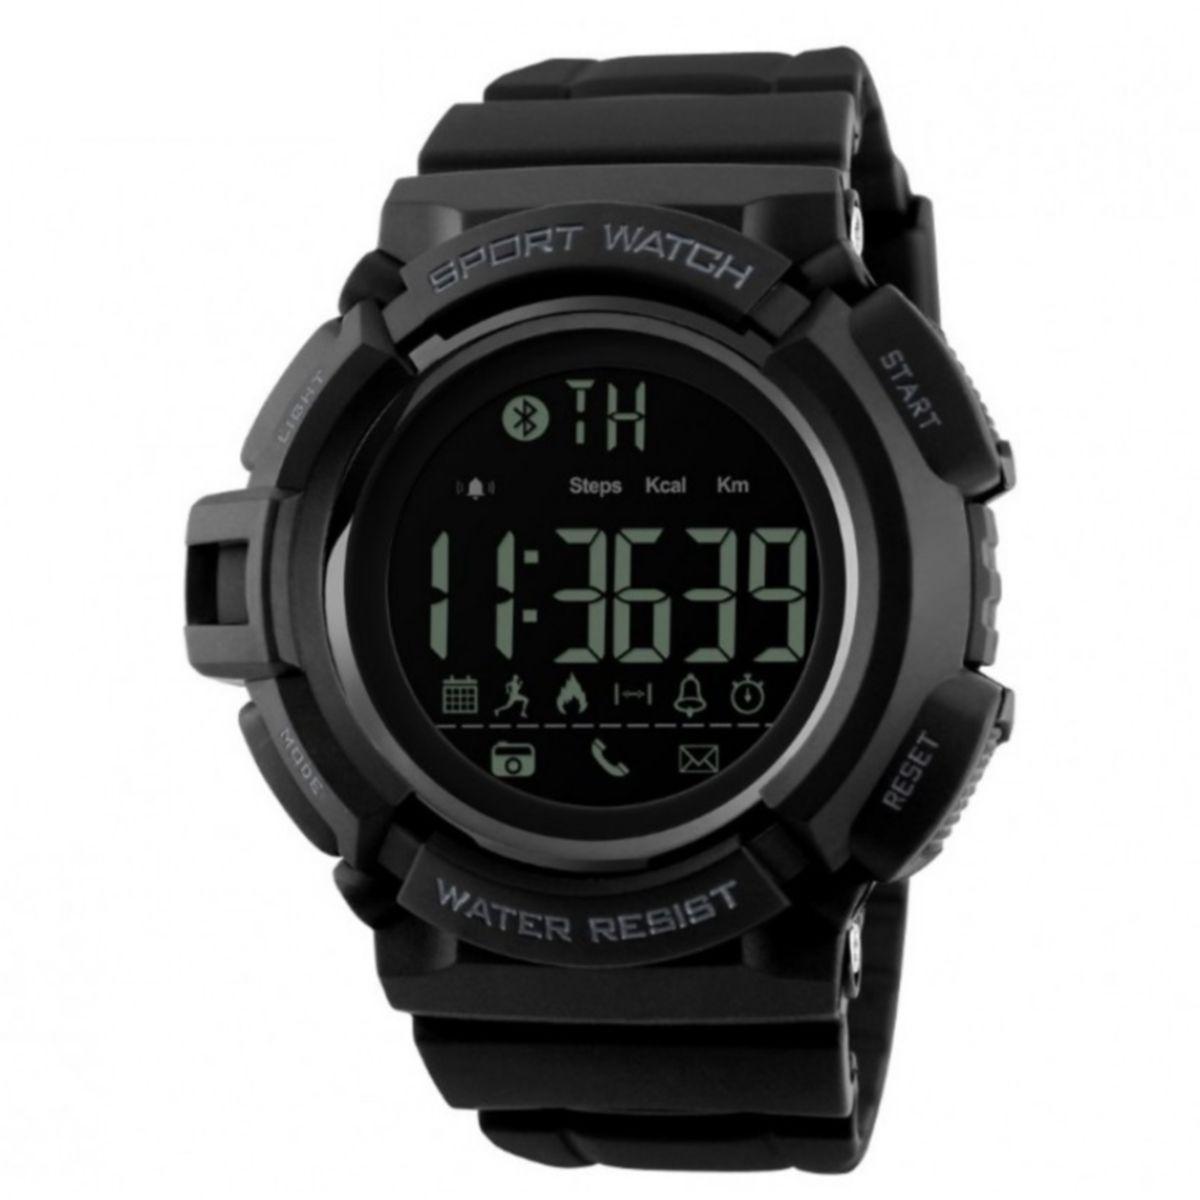 Cпортивные мужские часы (Скмей) 1245 ХИТ